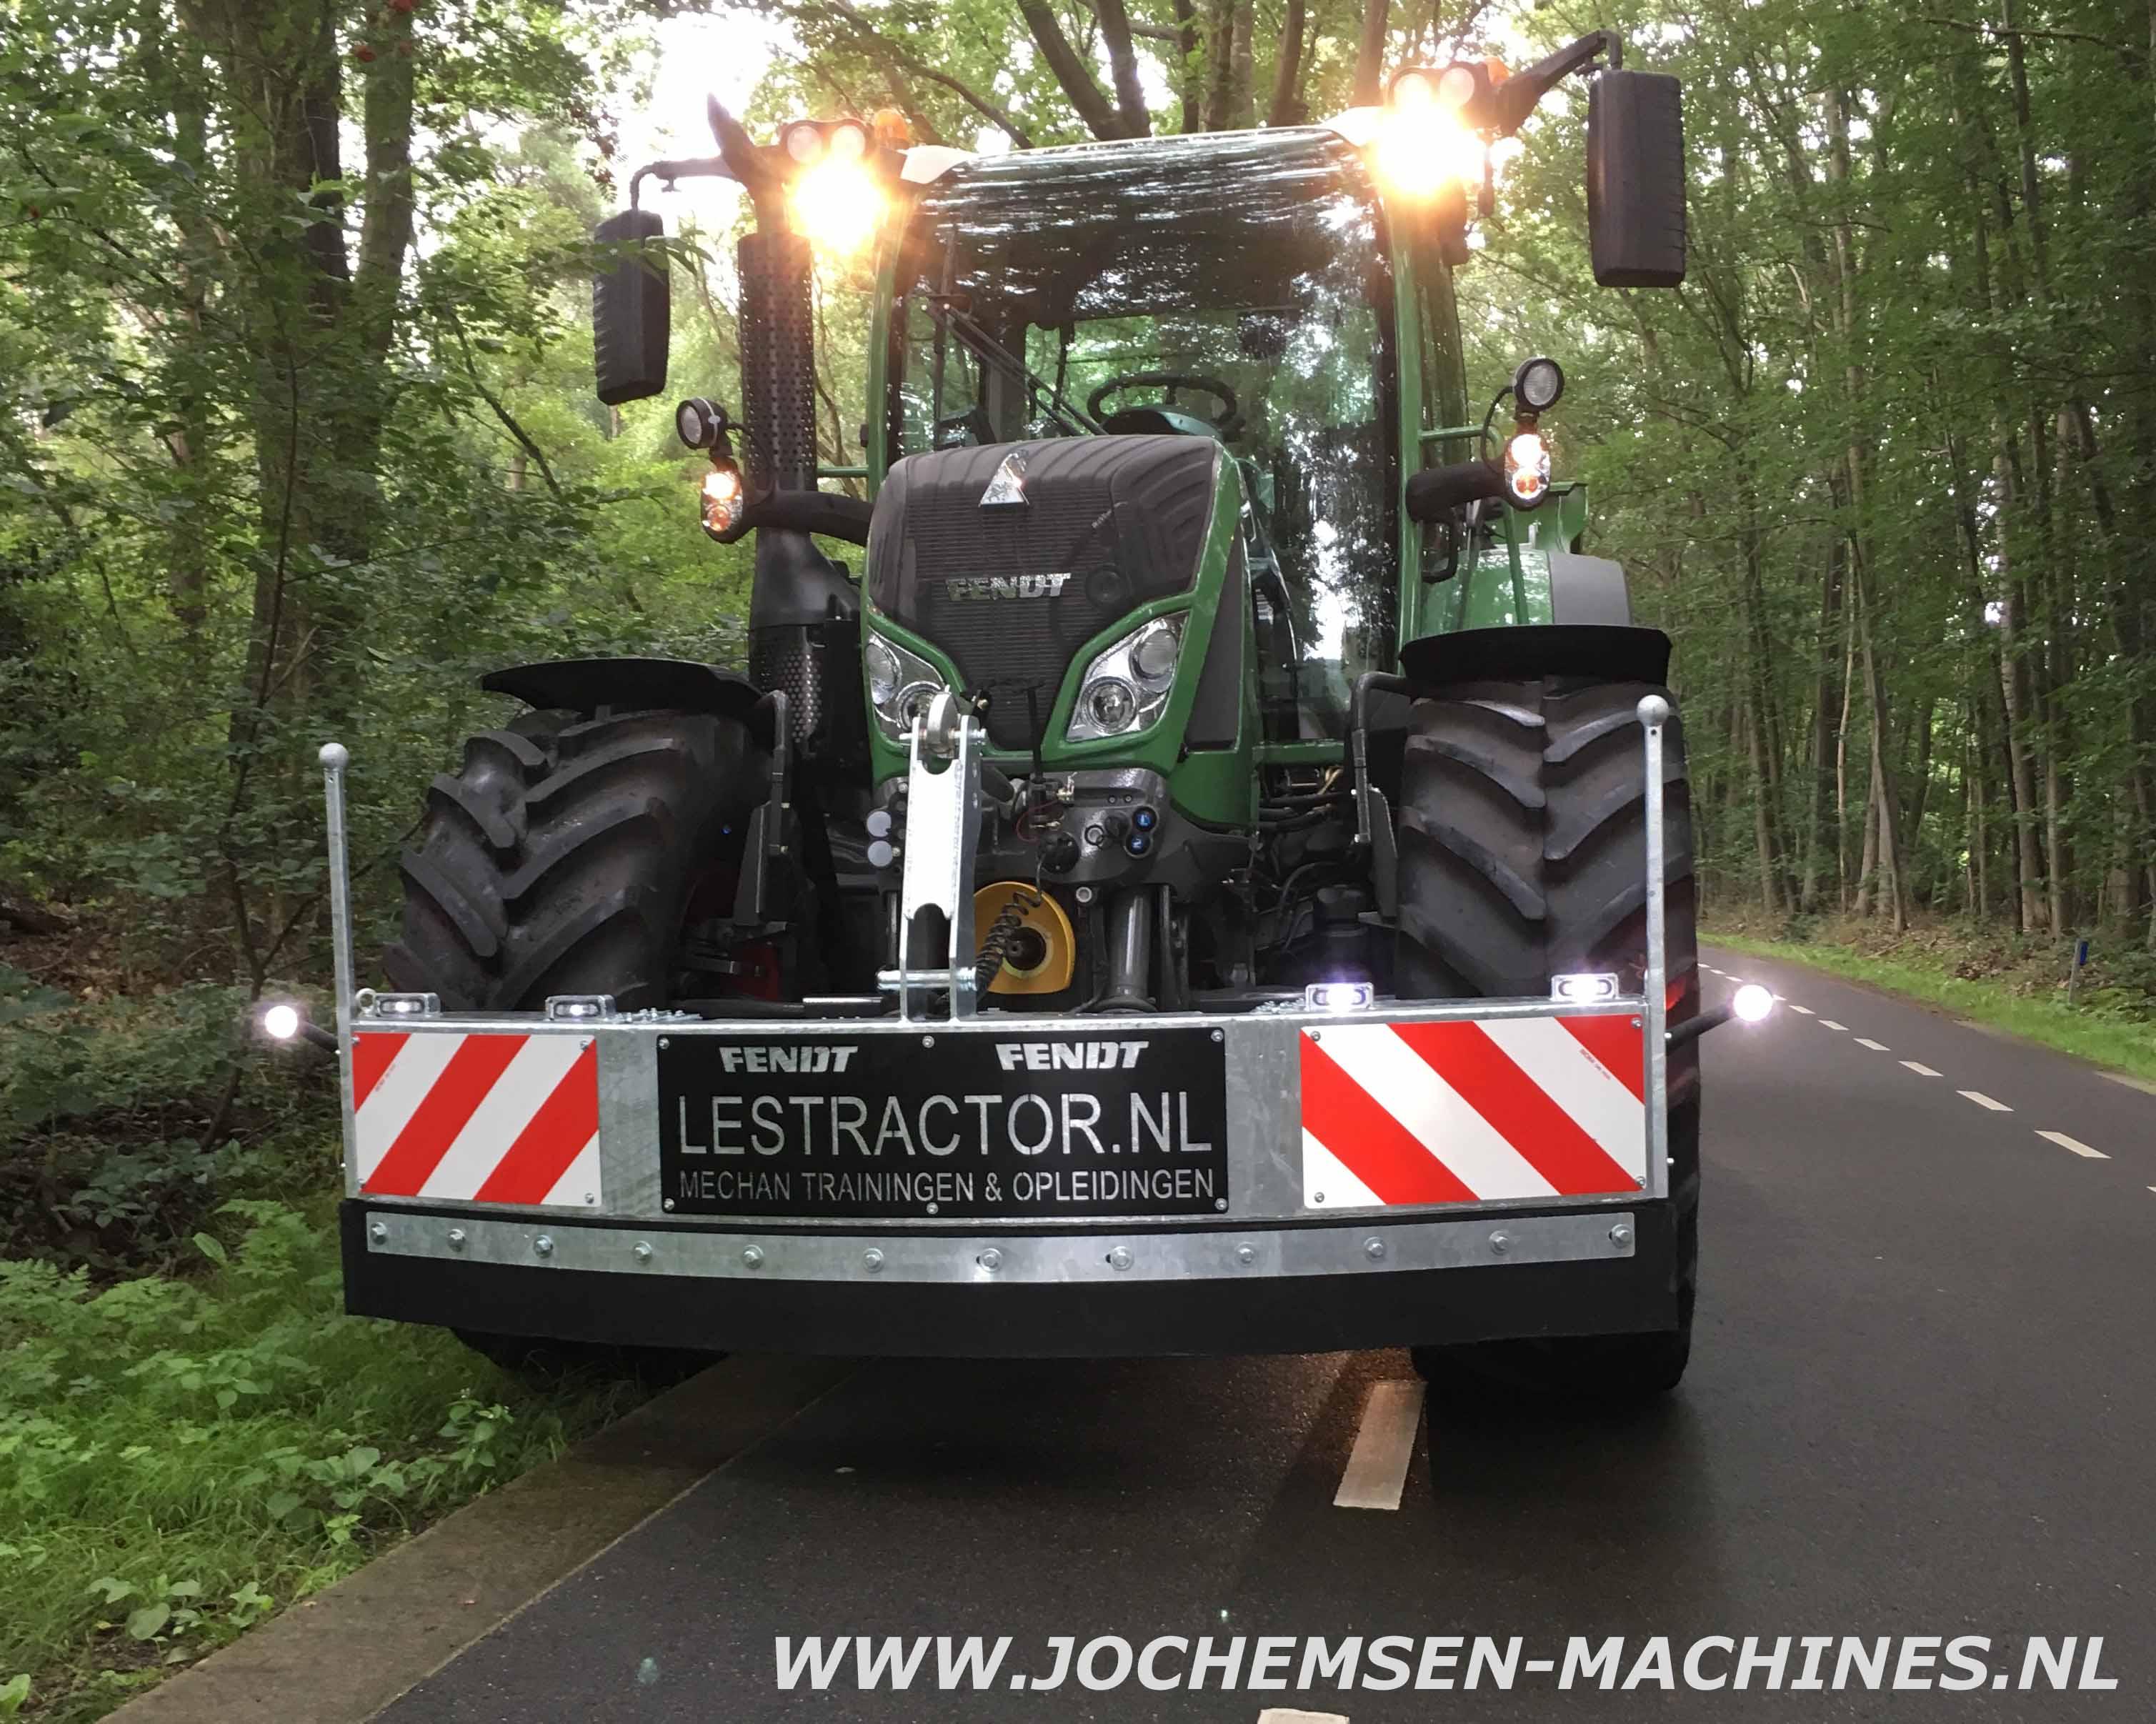 Jochemsen machines trekkerbumpers frontschuiven en meer for Tractor verlichting